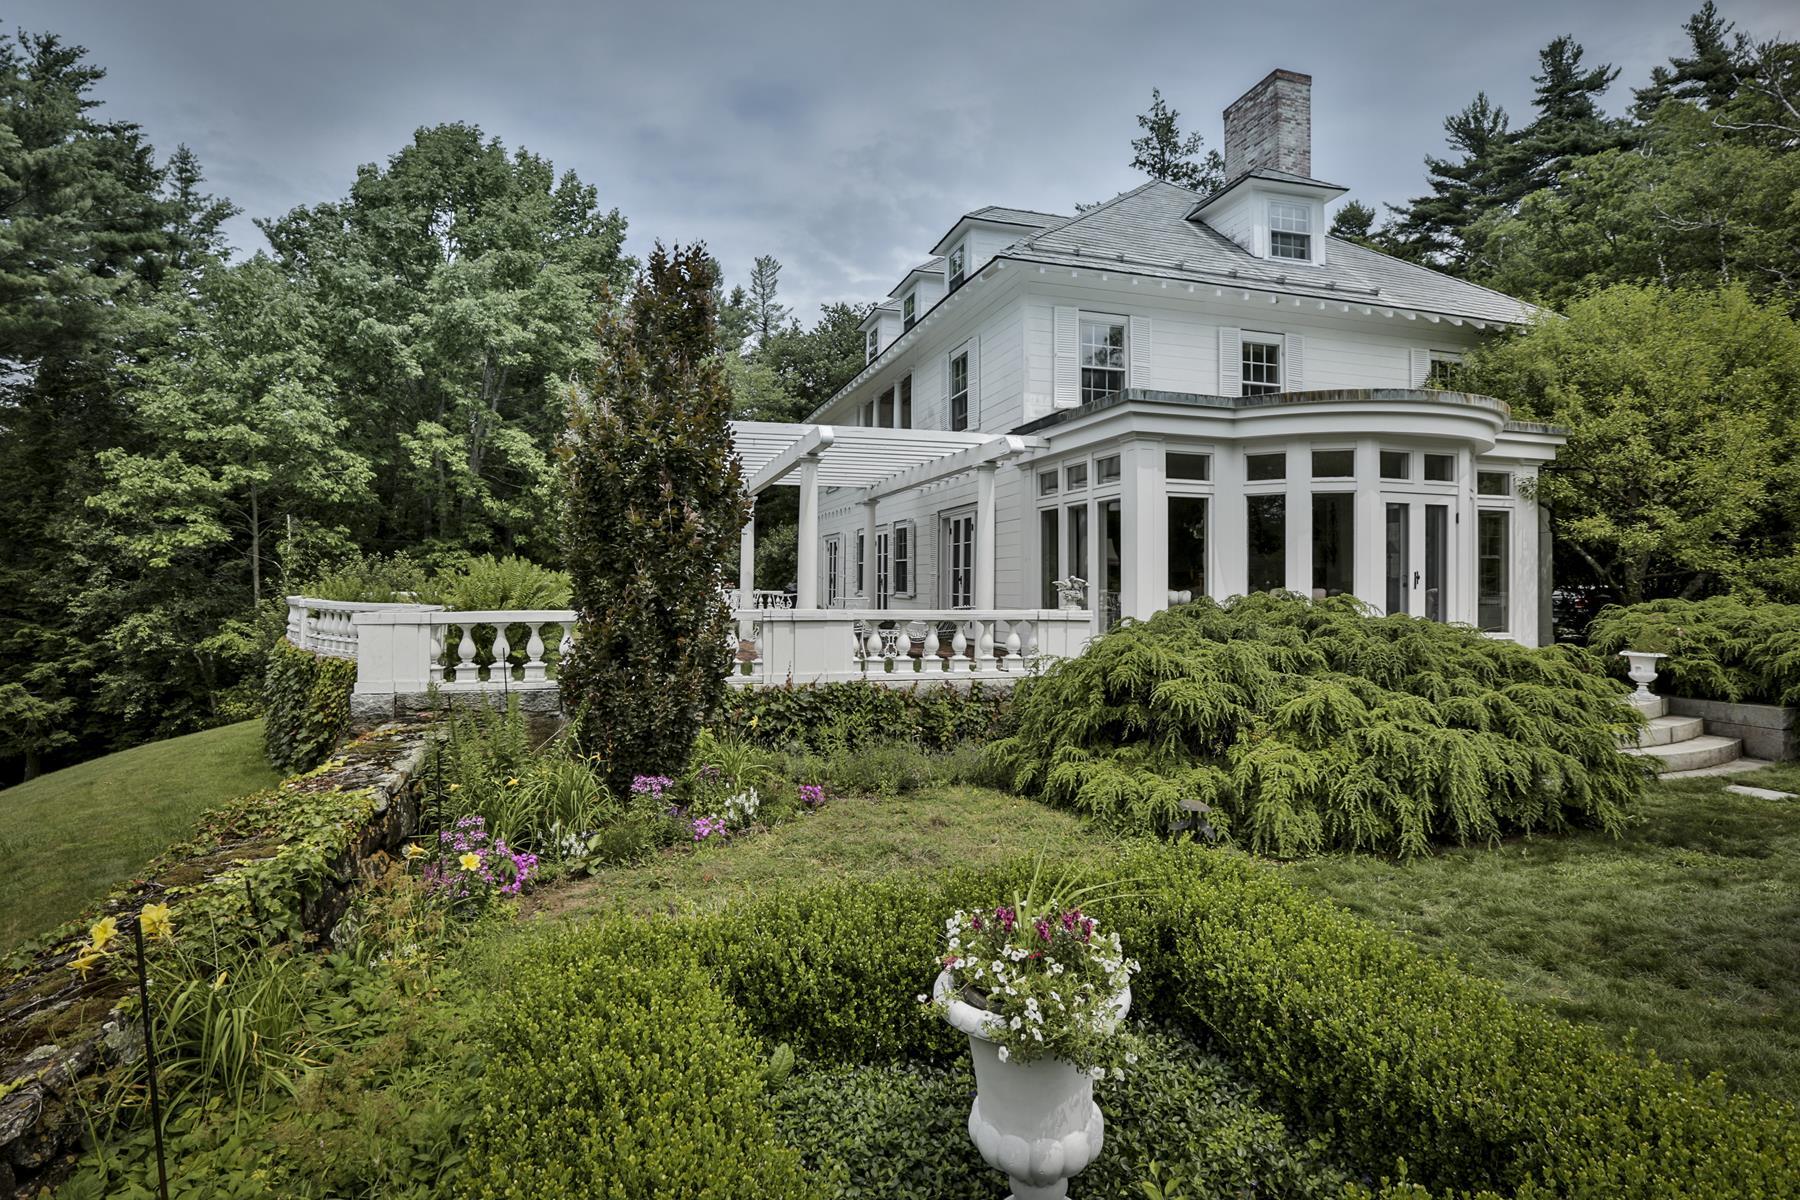 Villa per Vendita alle ore 45 Lake Rd, Dublin Dublin, New Hampshire 03444 Stati Uniti